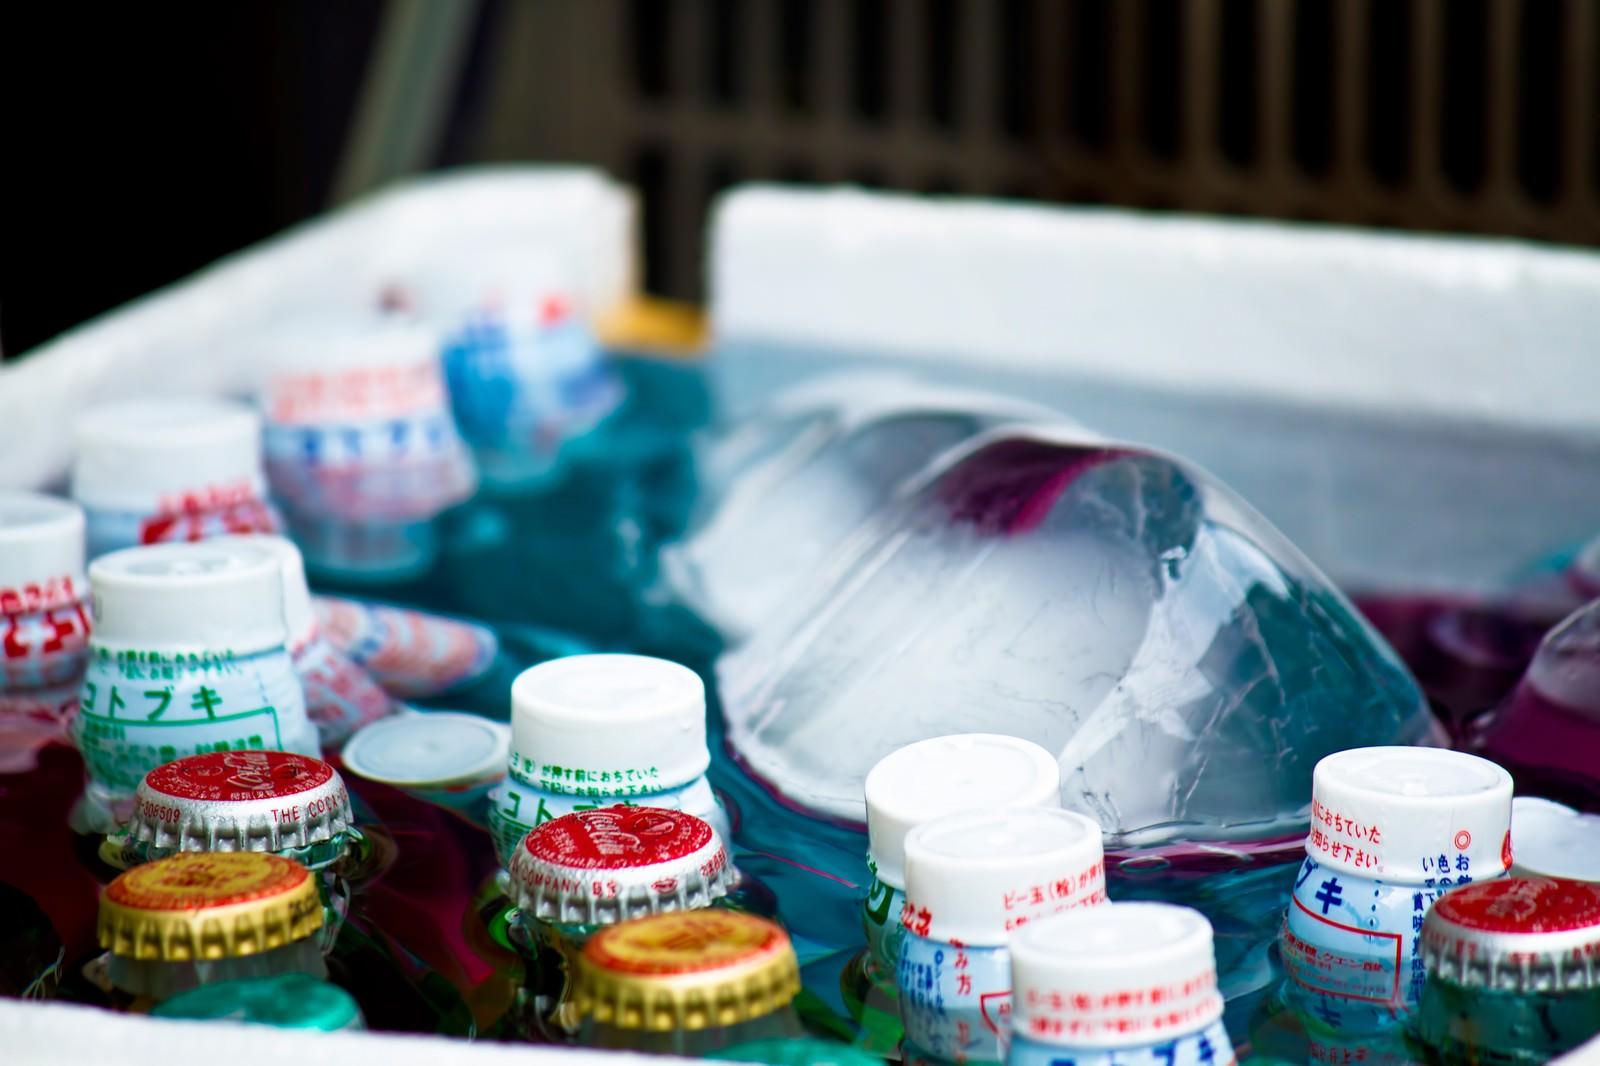 「氷で冷やされるラムネ」の写真